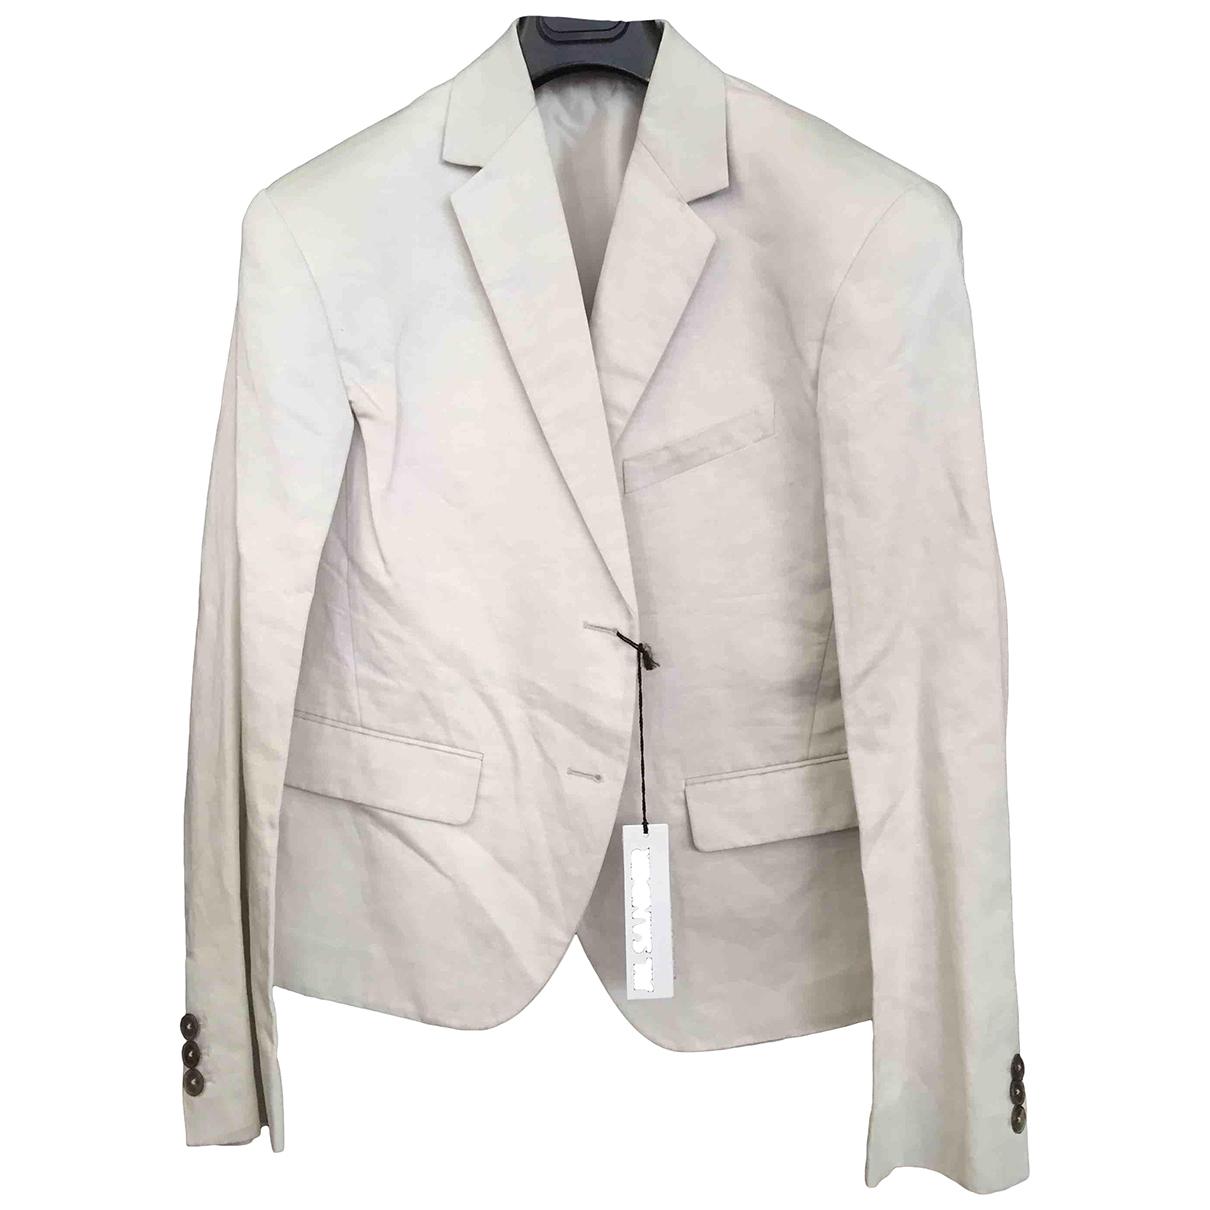 Jil Sander - Vestes.Blousons   pour homme en coton - blanc